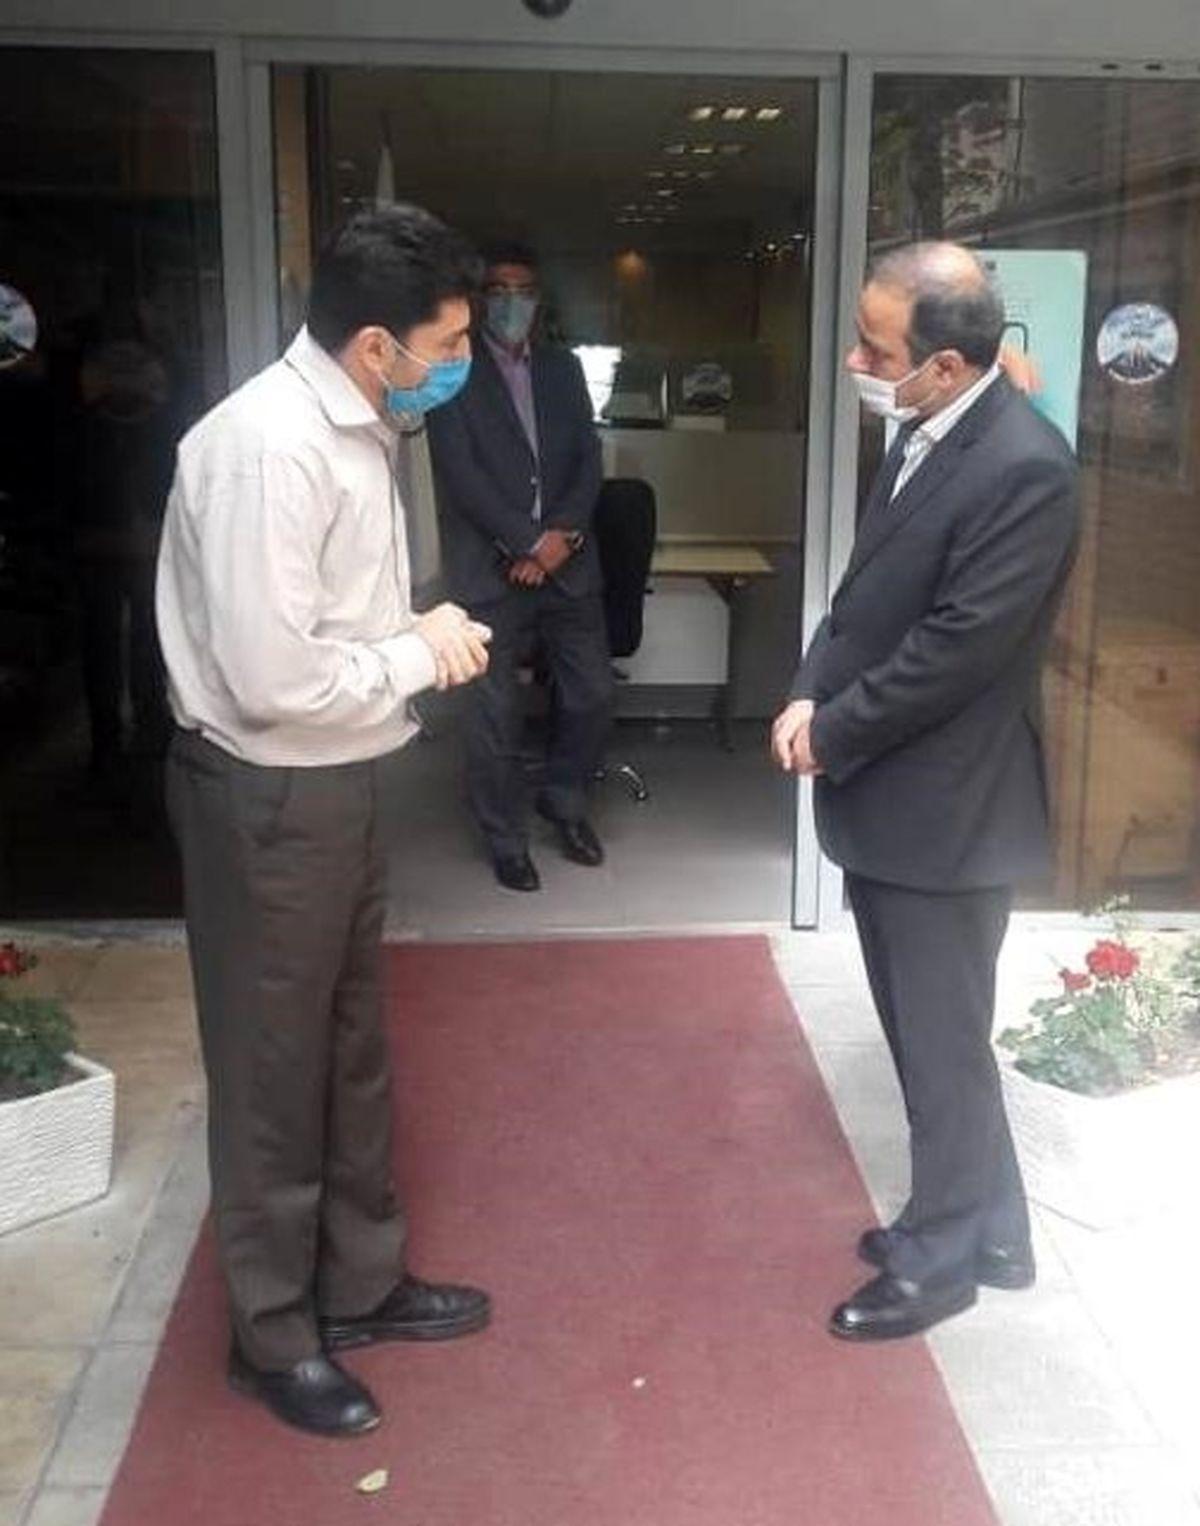 بازدید سرزده مدیرعامل بیمه البرز از شعبه ونک